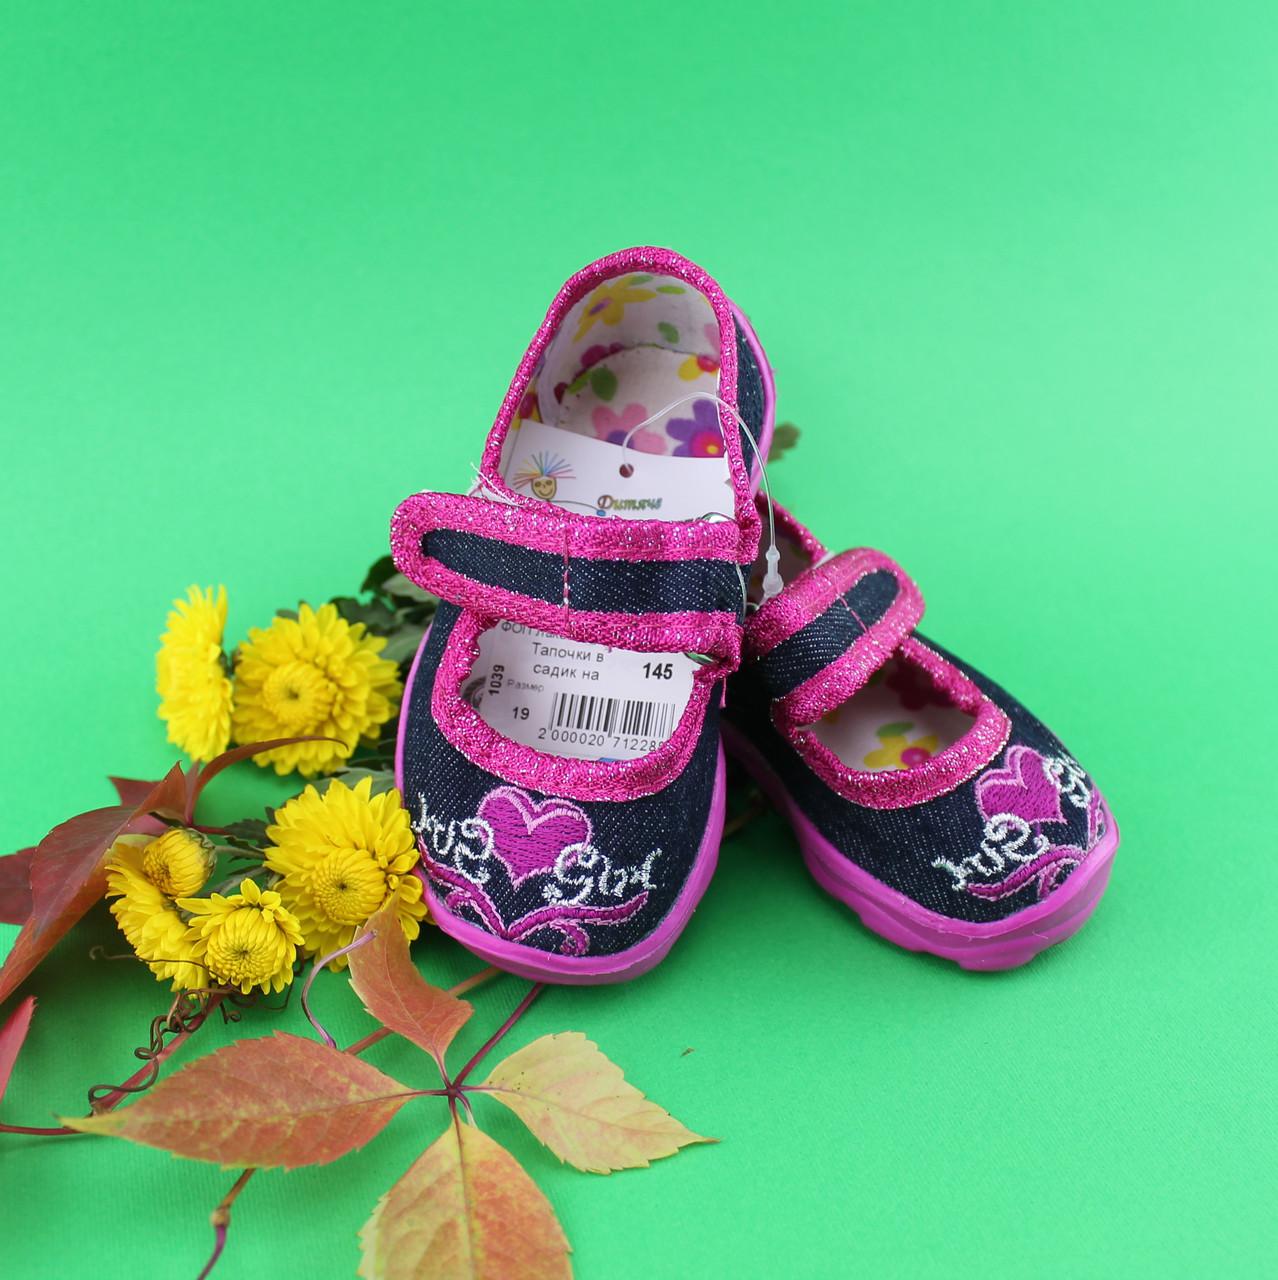 Тапочки в садик на девочку текстильная обувь Vitaliya Виталия размер 19-22,5